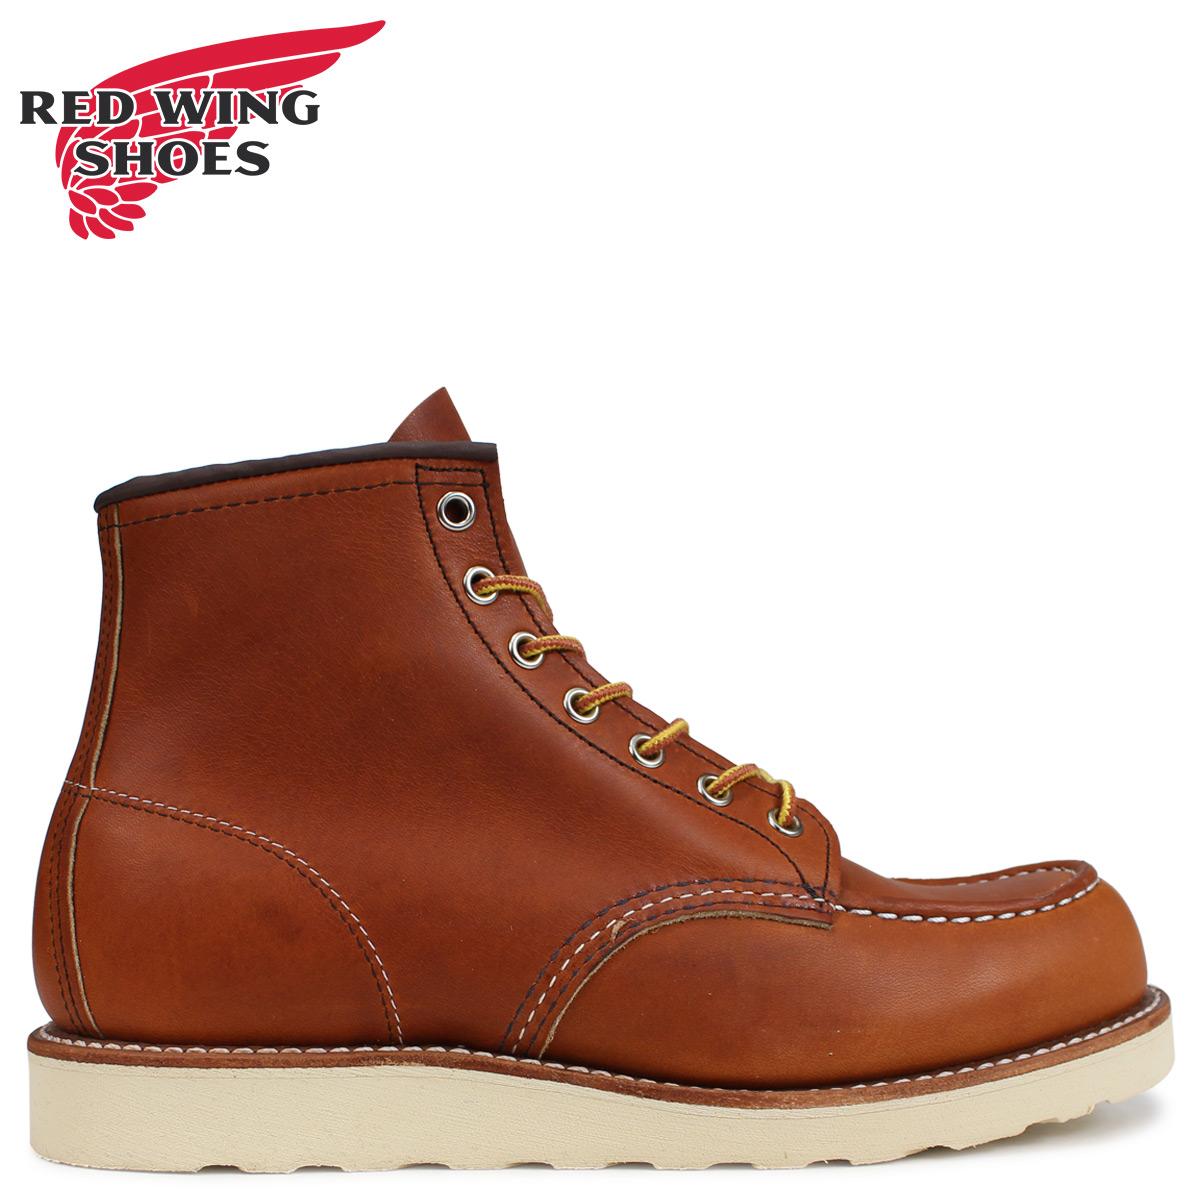 RED WING レッドウィング ブーツ アイリッシュセッター 6インチ クラシック モック メンズ 6INCH CLASSIC MOC Dワイズ ブラウン 875